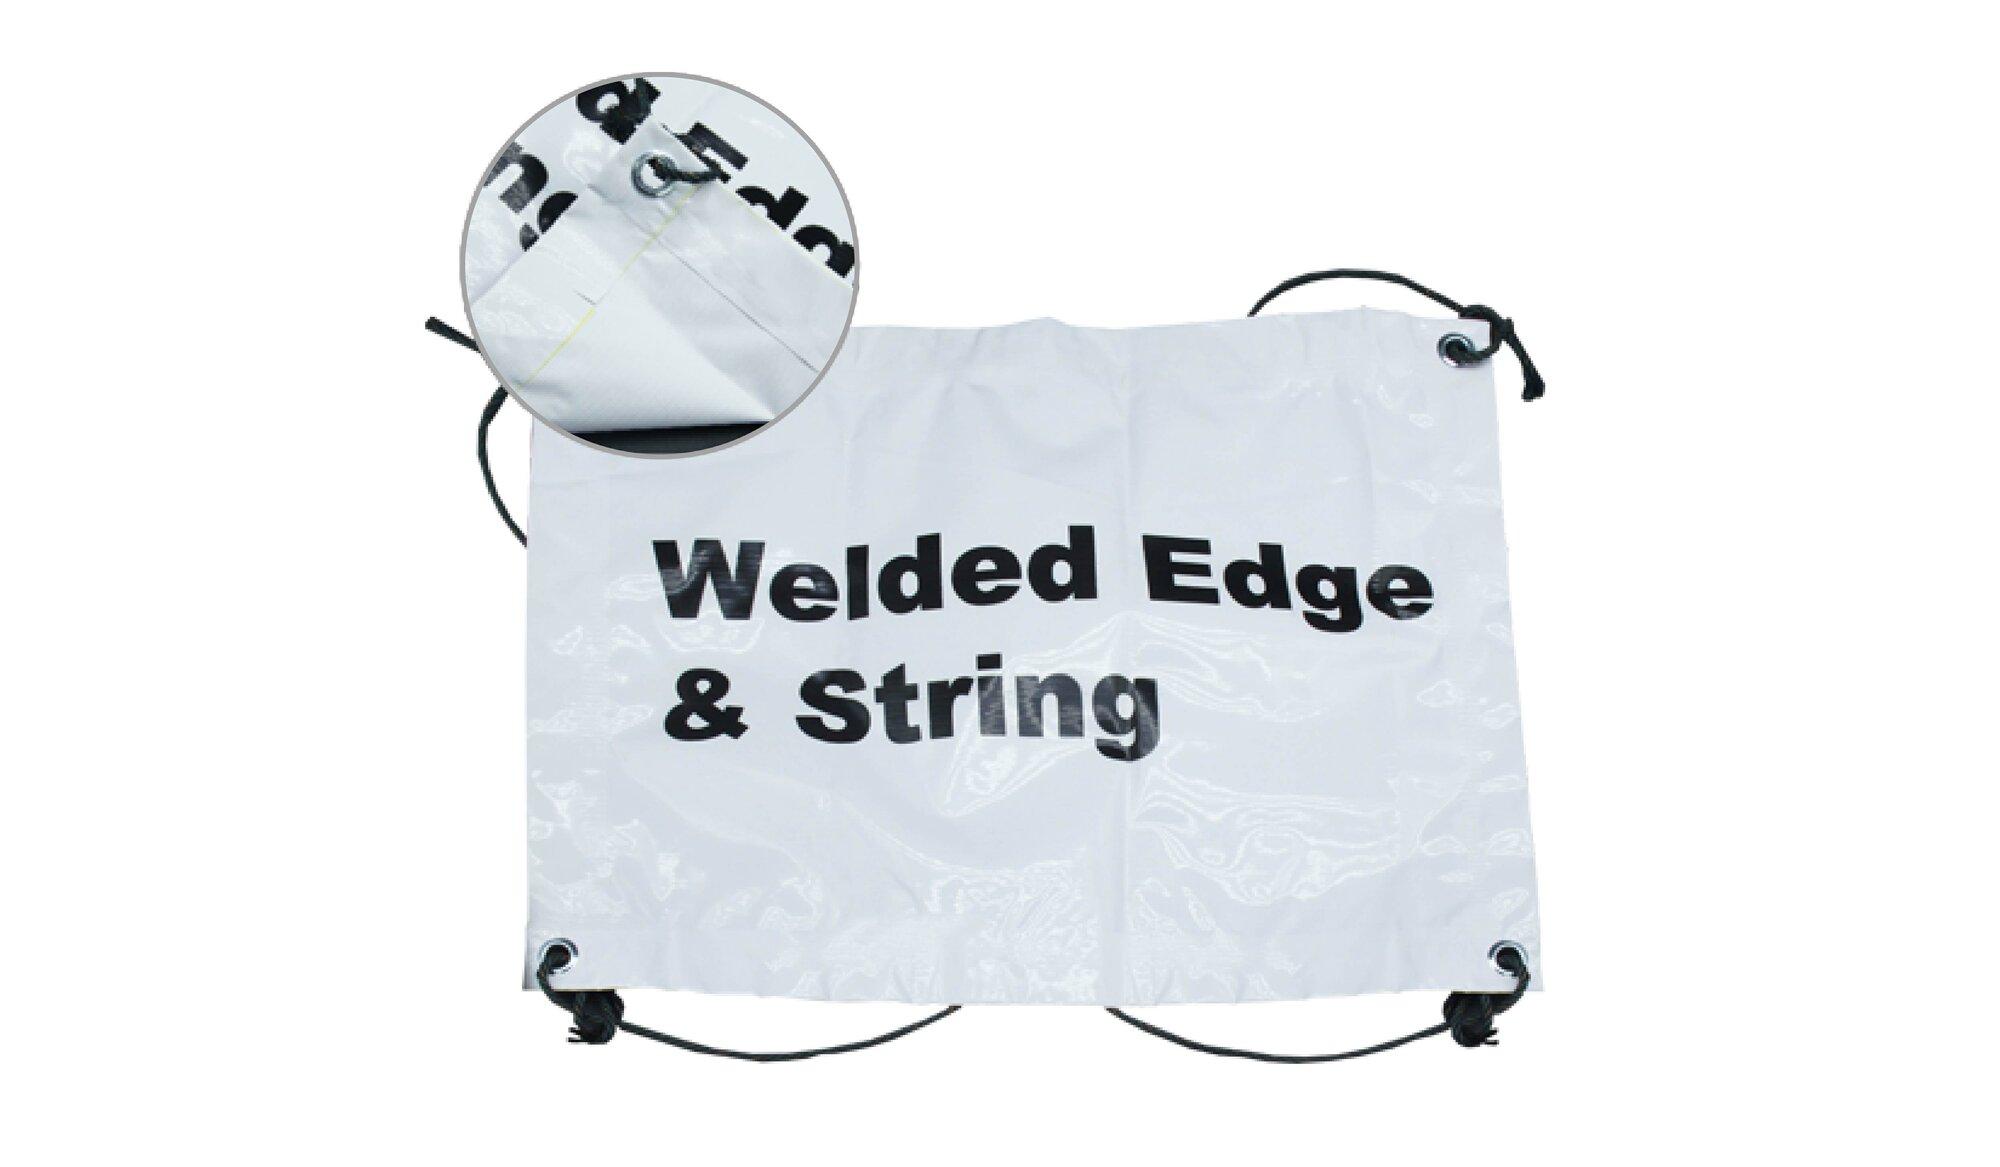 Welded Edge & String